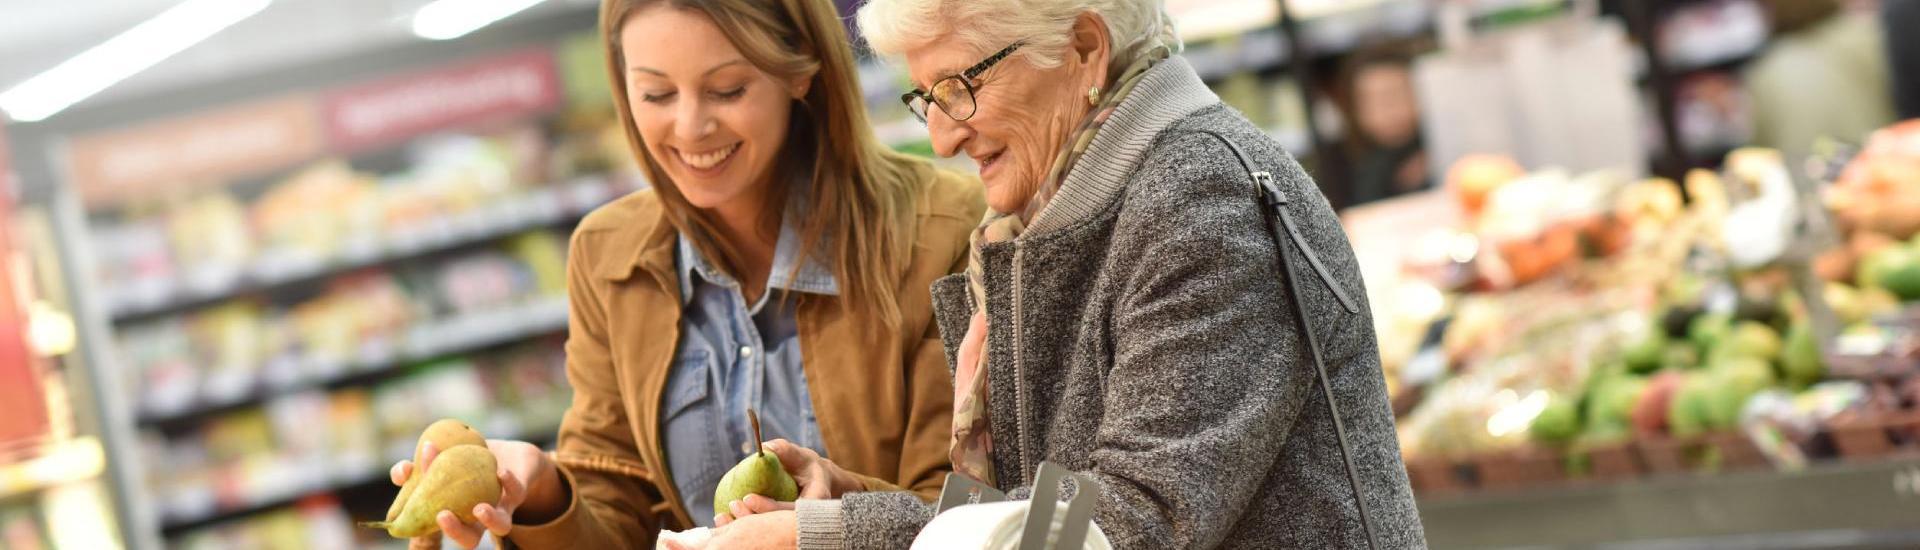 aide aux courses, seniors et aide a domicile